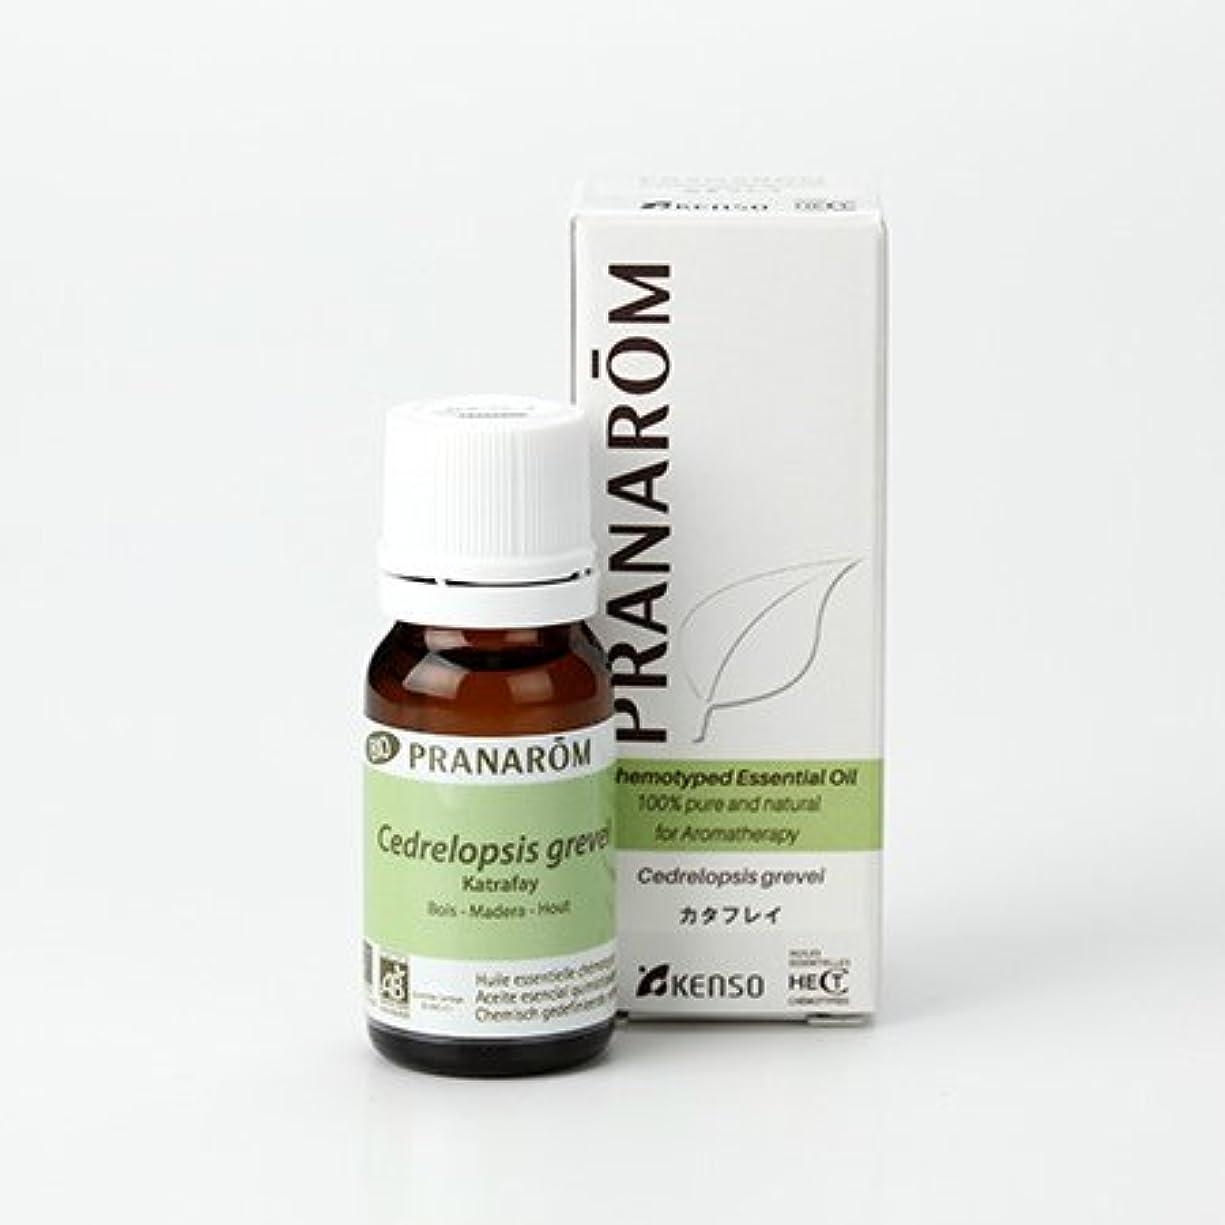 抑止する不変ペインプラナロム カタフレイ 10ml (PRANAROM ケモタイプ精油)